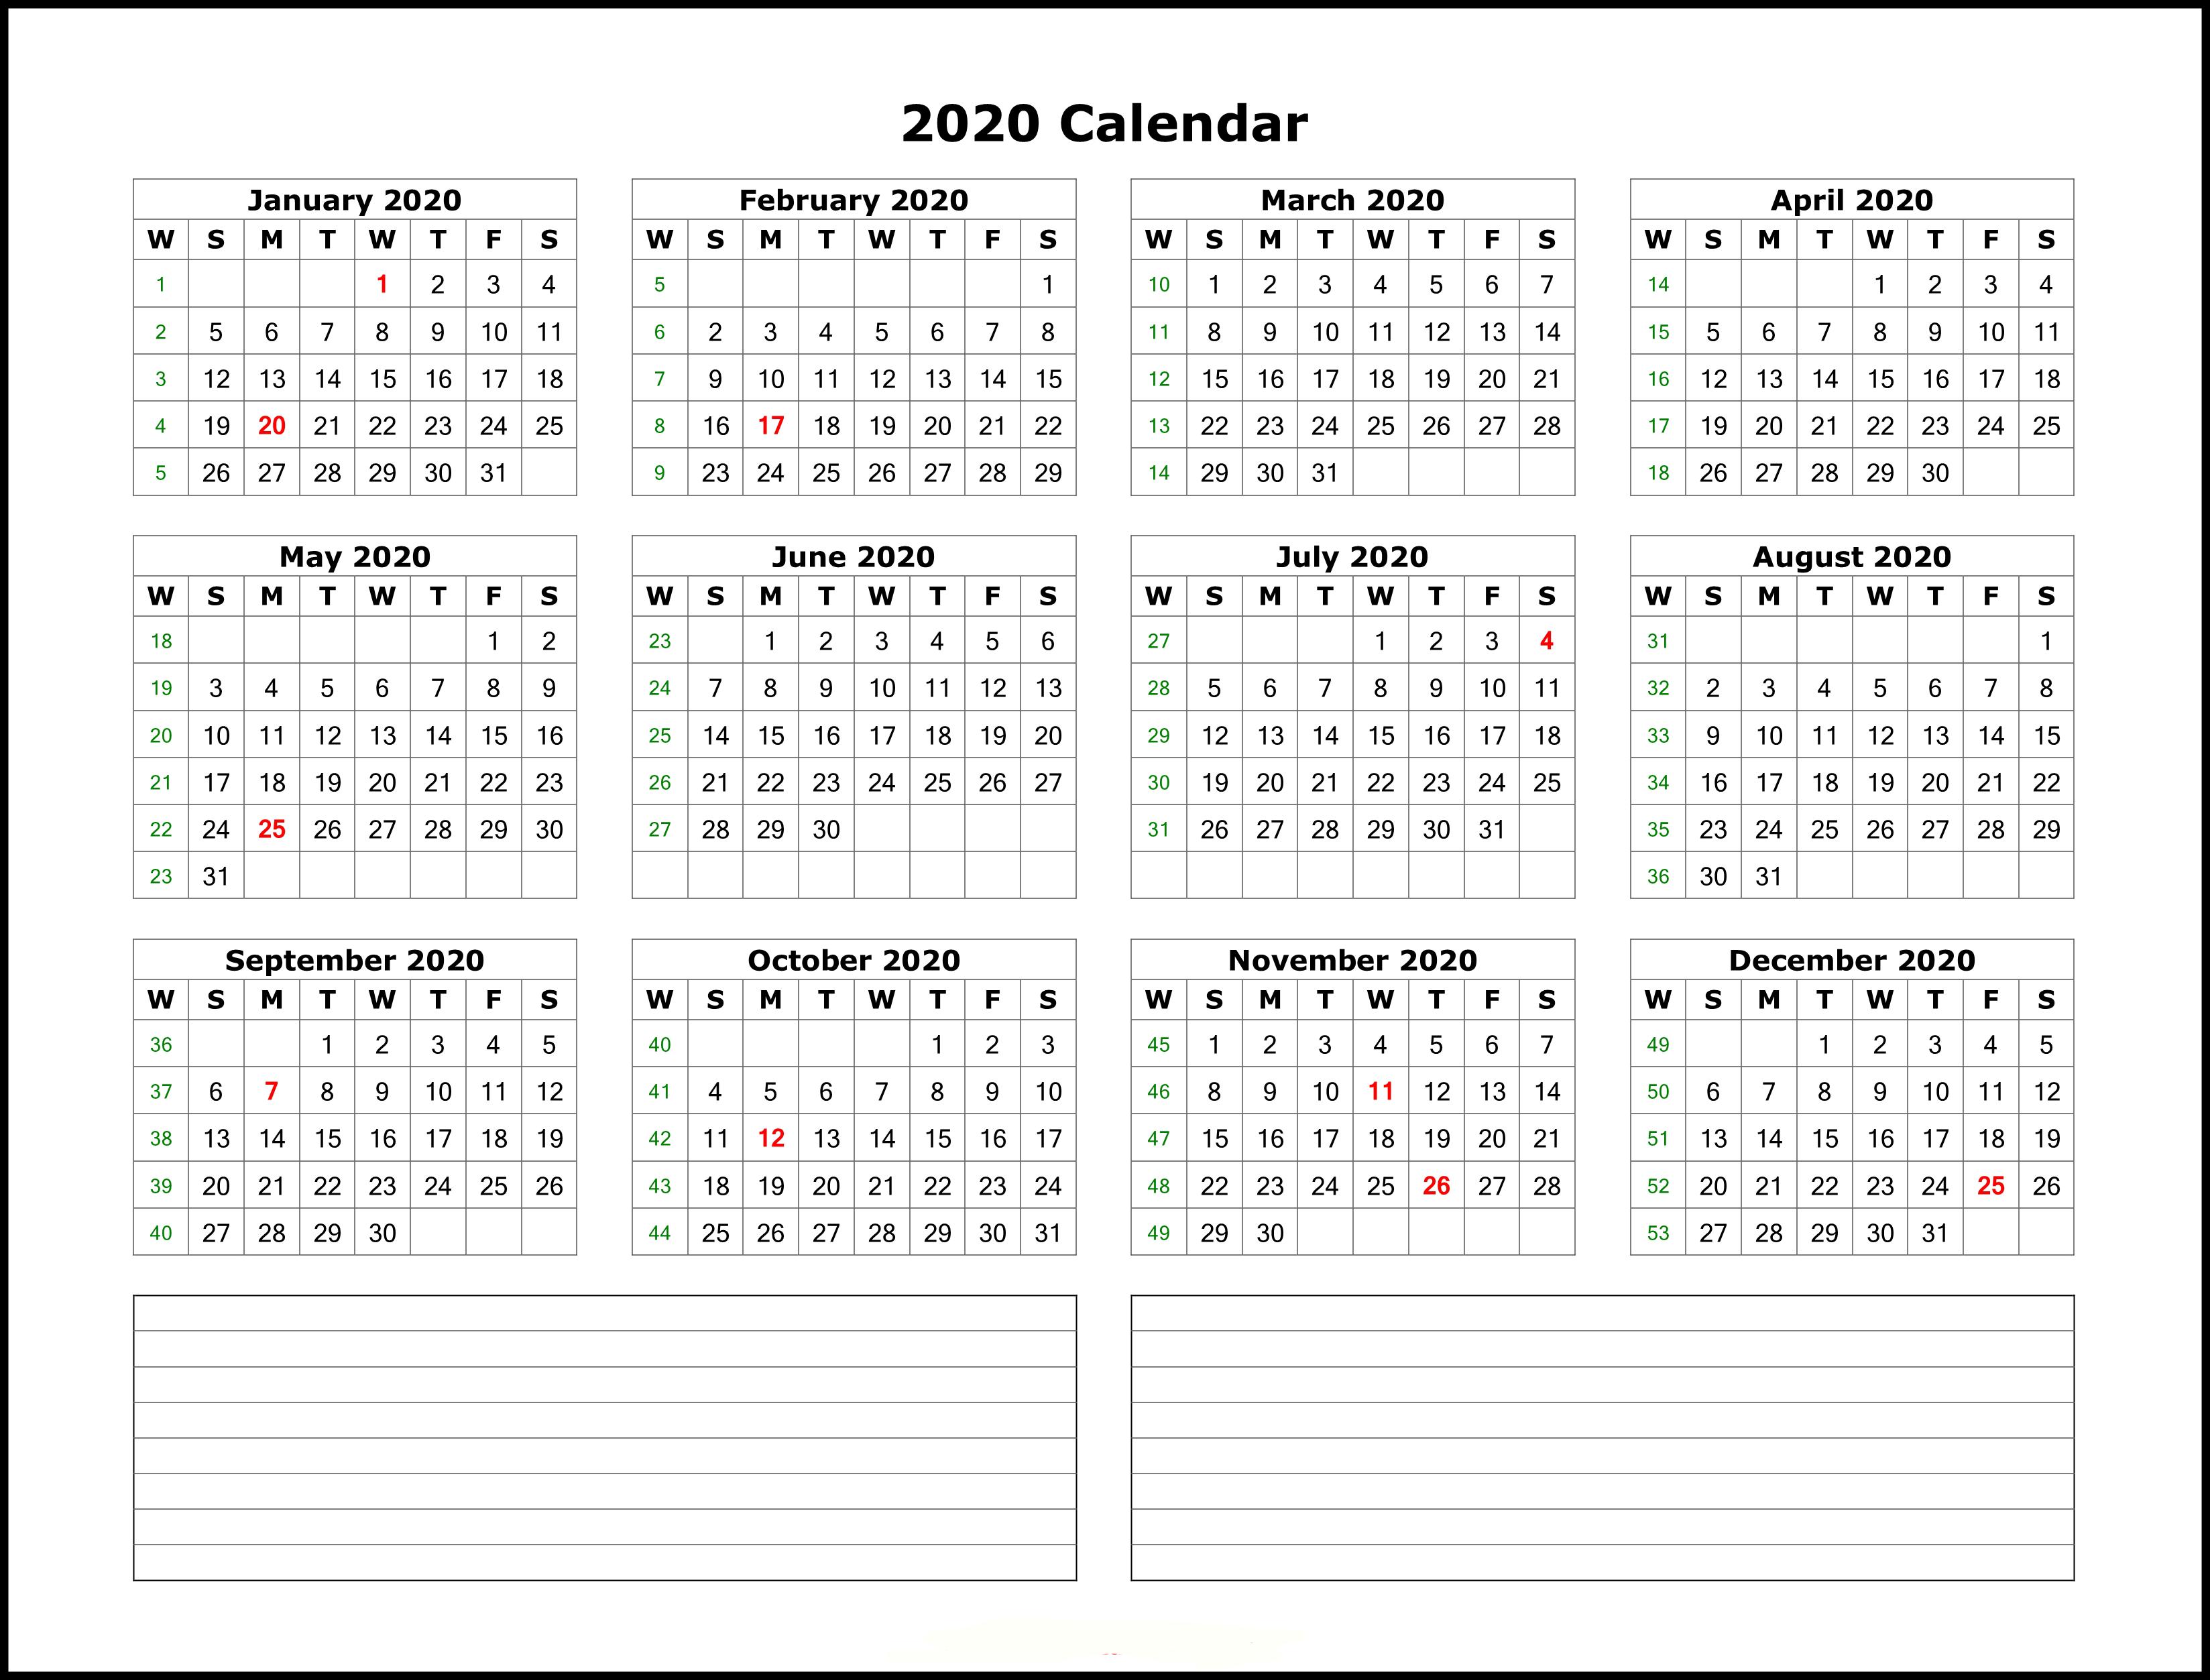 Excel Spreadsheet Calendar 2020  Bolan.horizonconsulting.co regarding Calendar Excel Template 2020